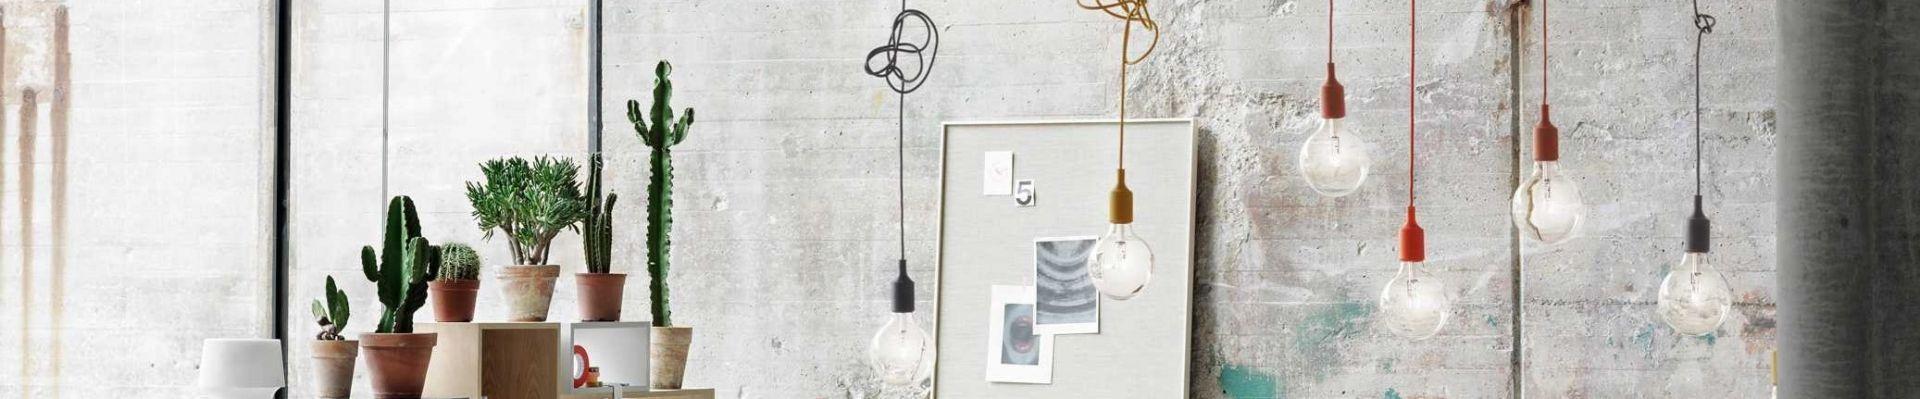 LED verlichting dimmen: waar let je op?